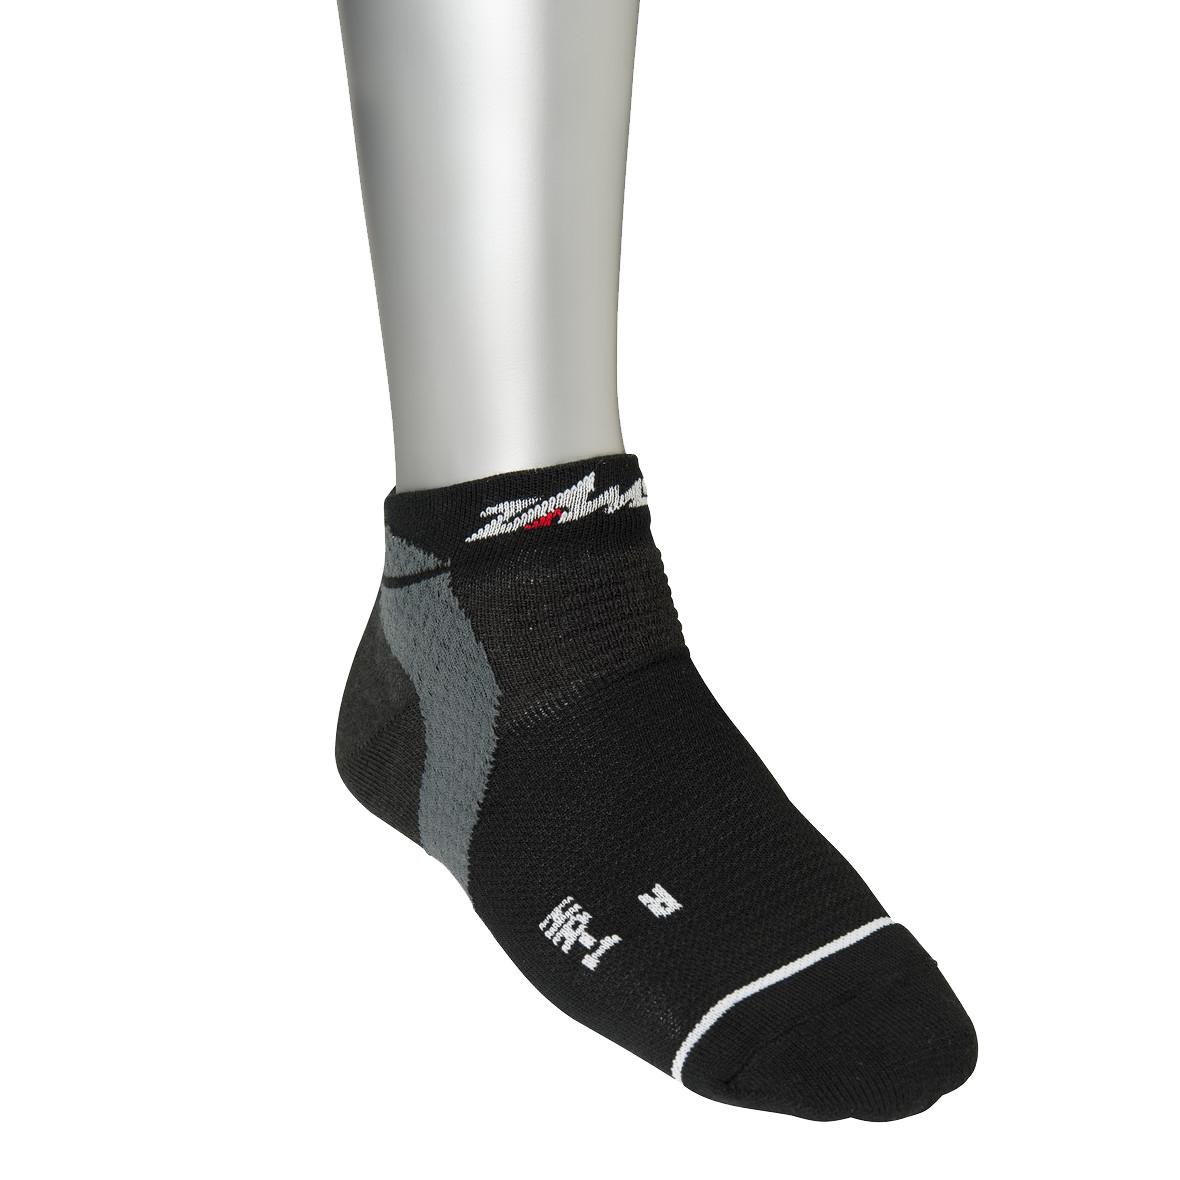 Zamst HA-1 Run Support Sokken - Zwart - M